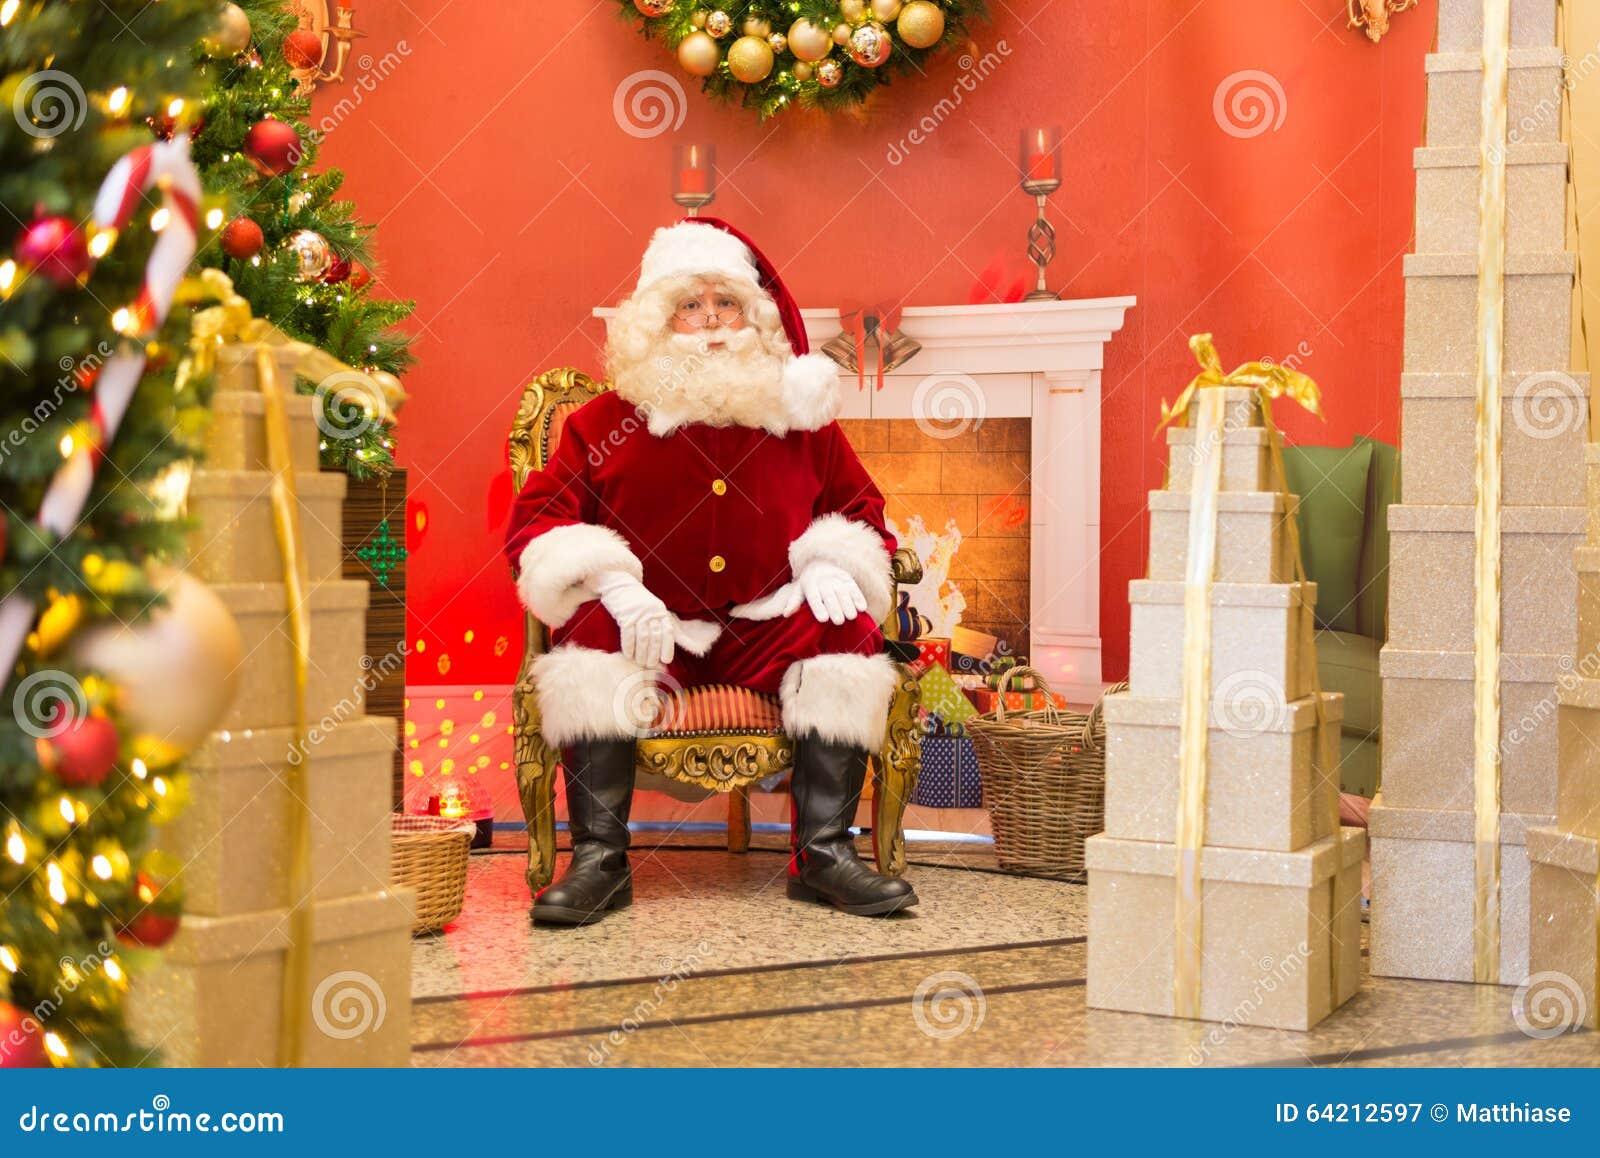 Santa Claus en el trono